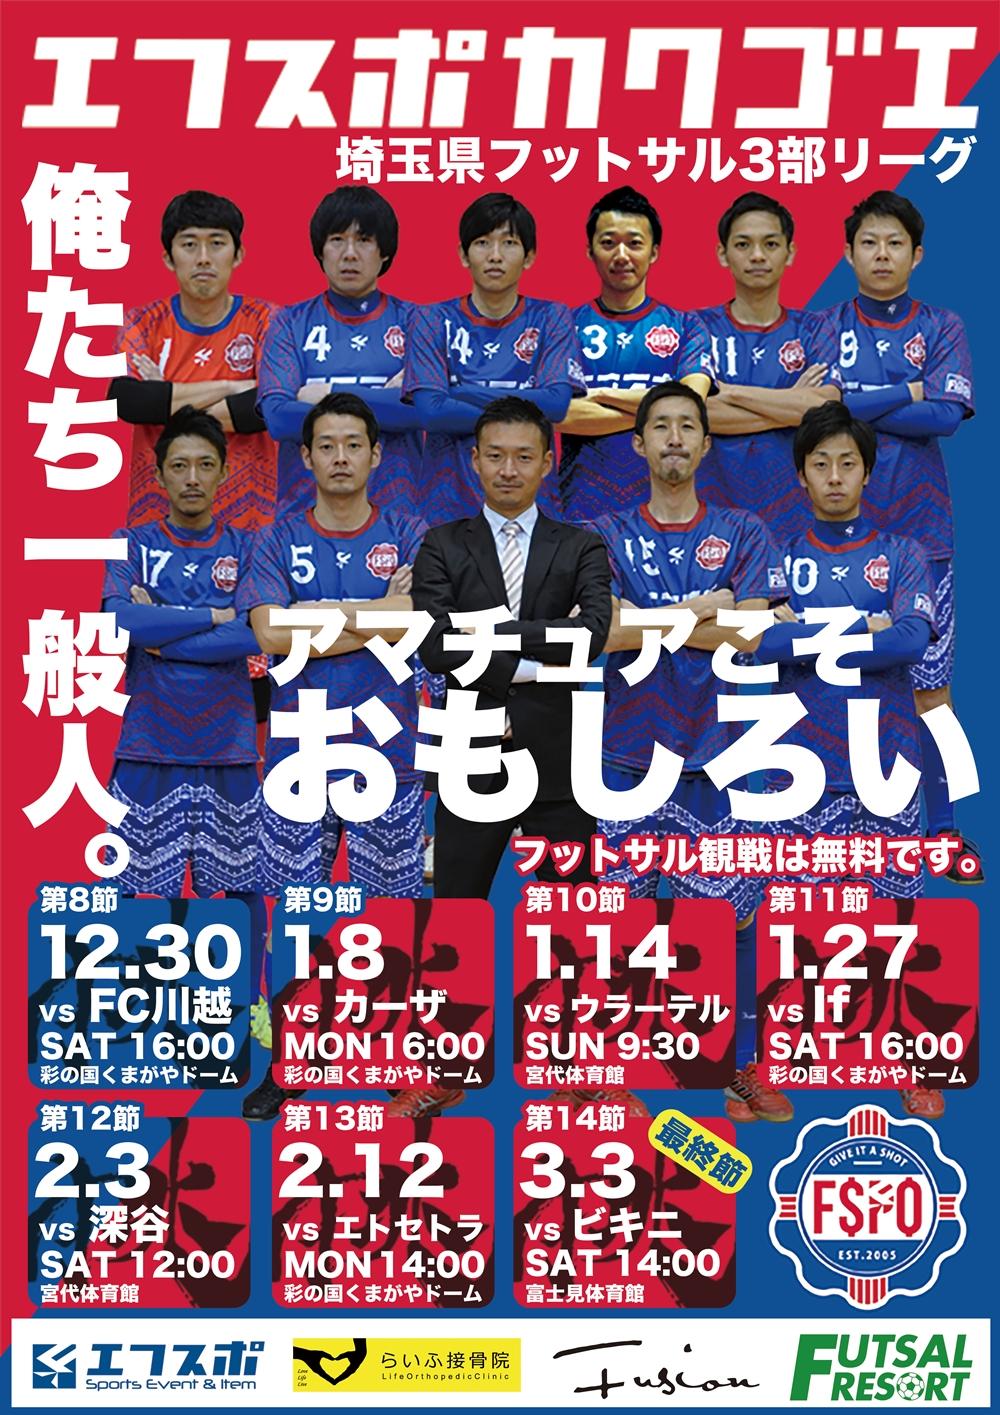 [お知らせ]◆埼玉県フットサルリーグ所属◆ エフスポ川越がメンバー募集!